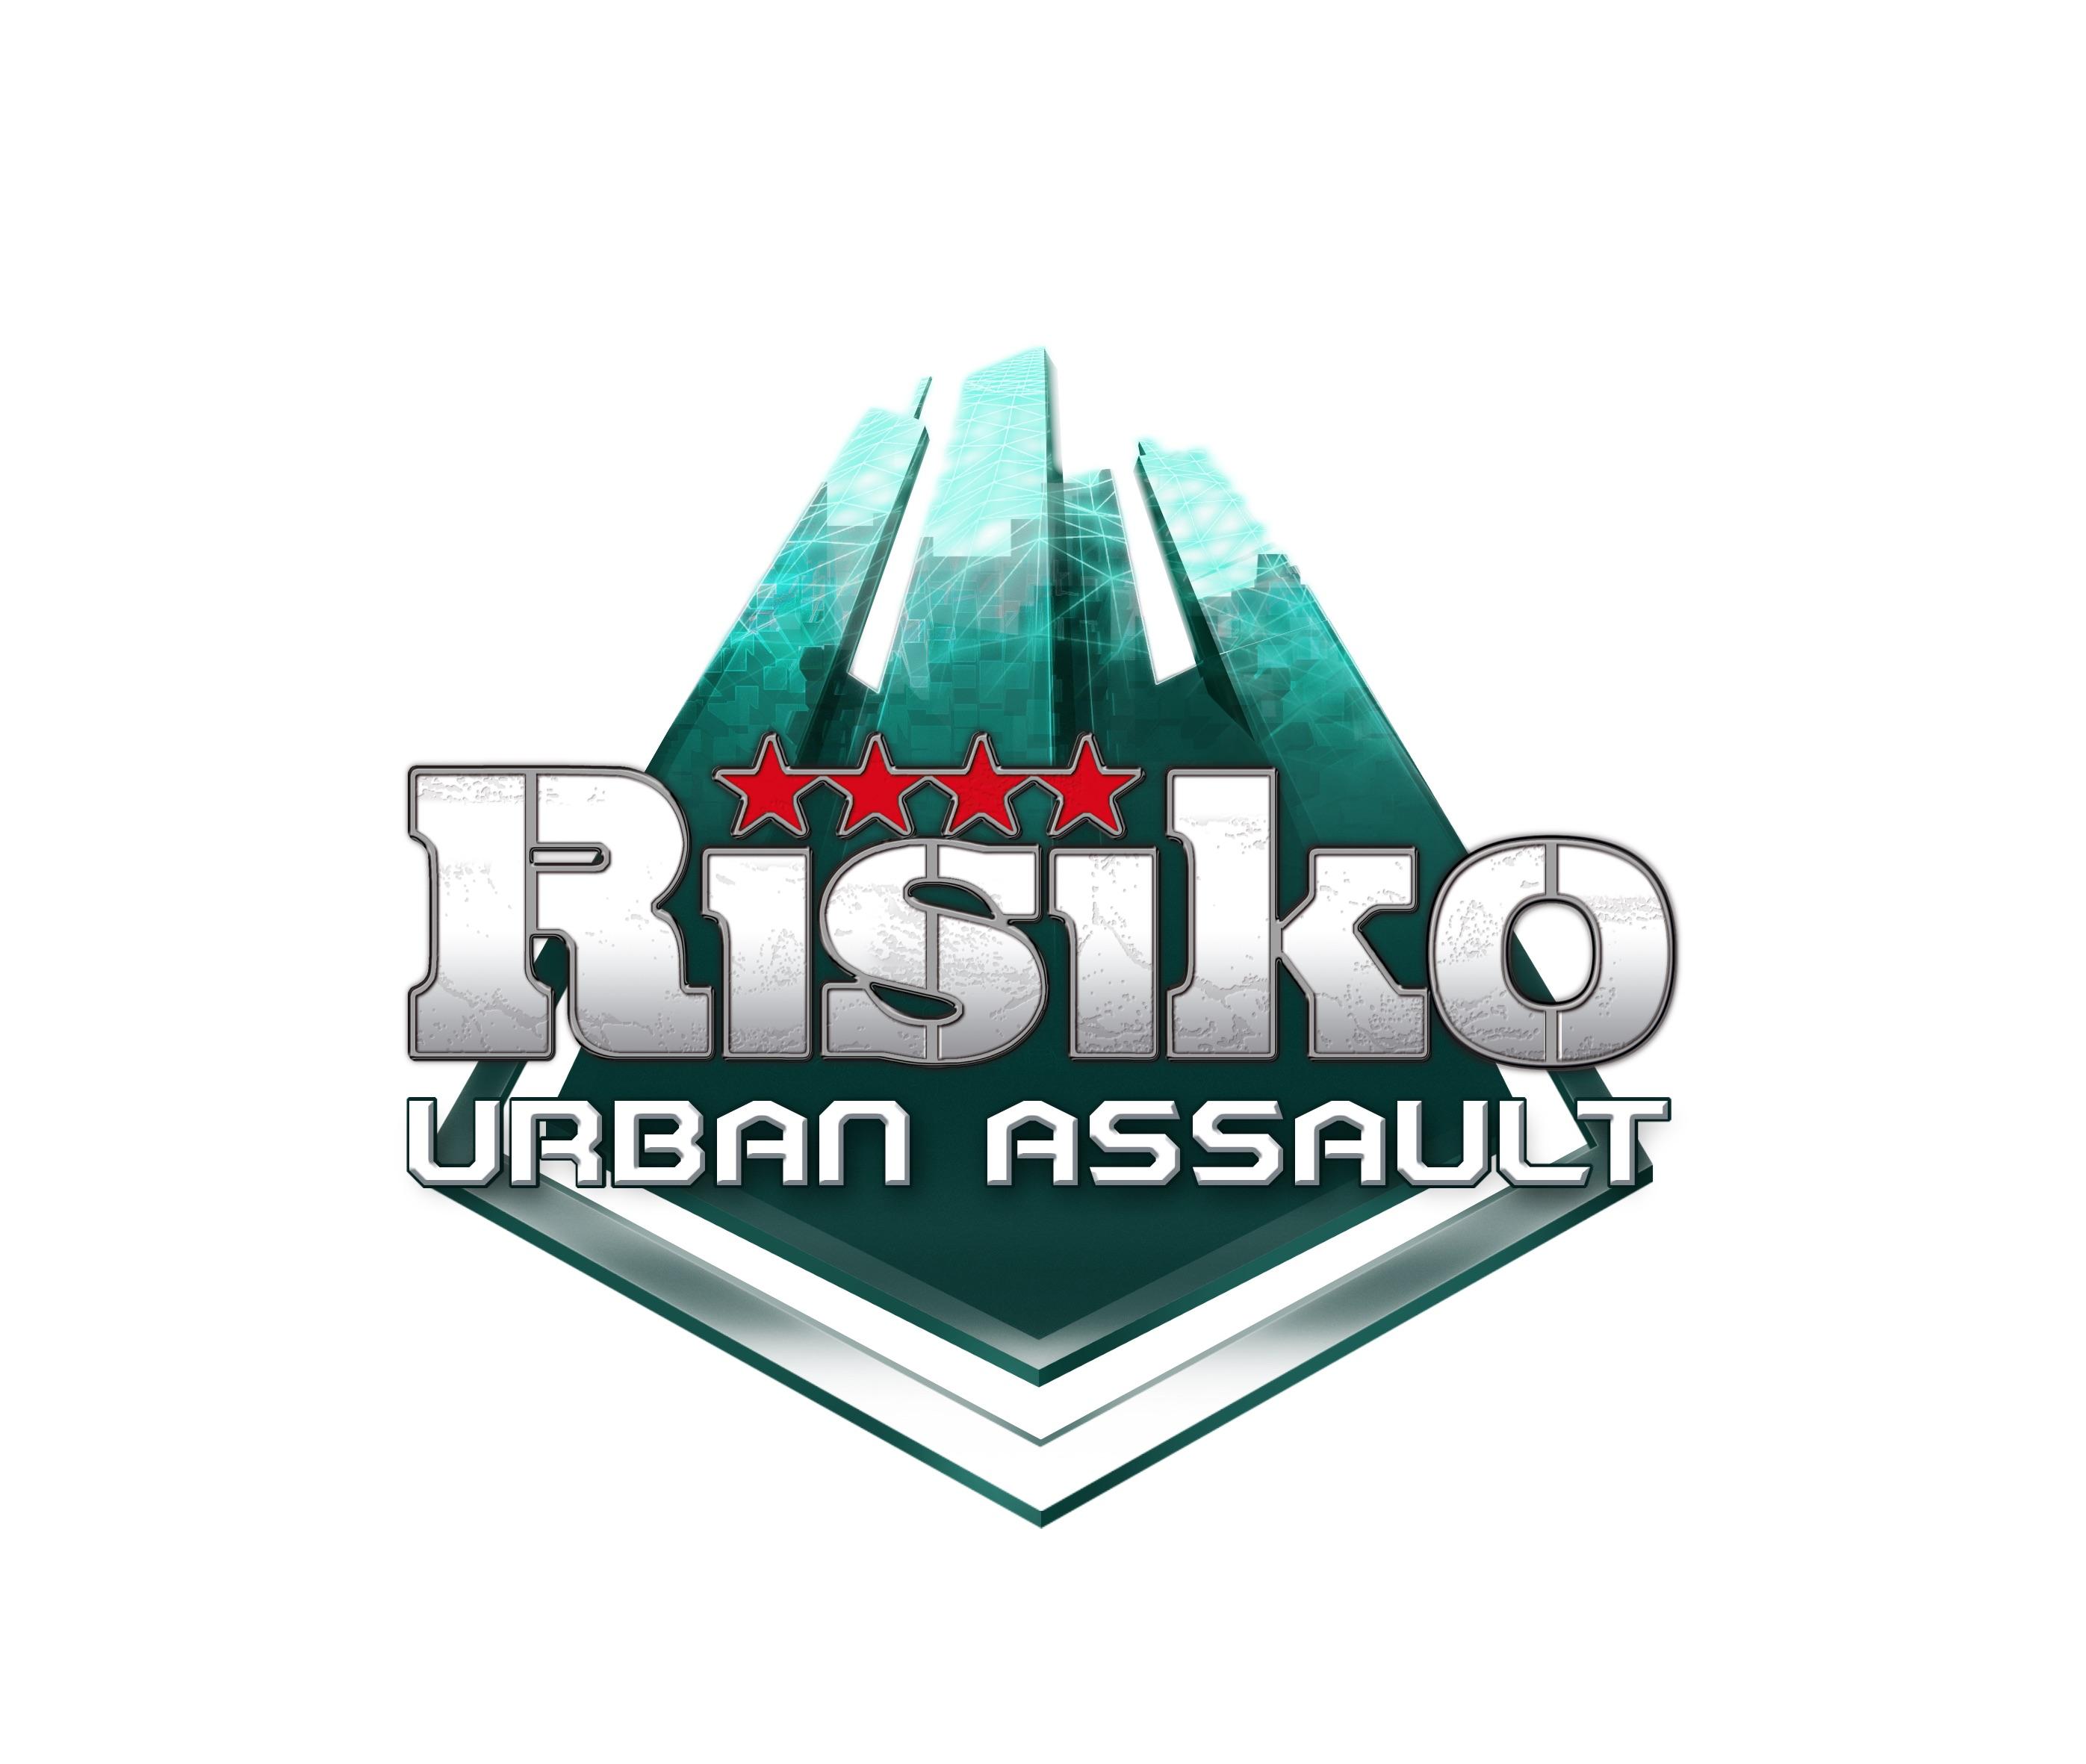 RISK_URBAN_ASSAULT_Logo_PR_160802_6pm_CET_GER_1470147529